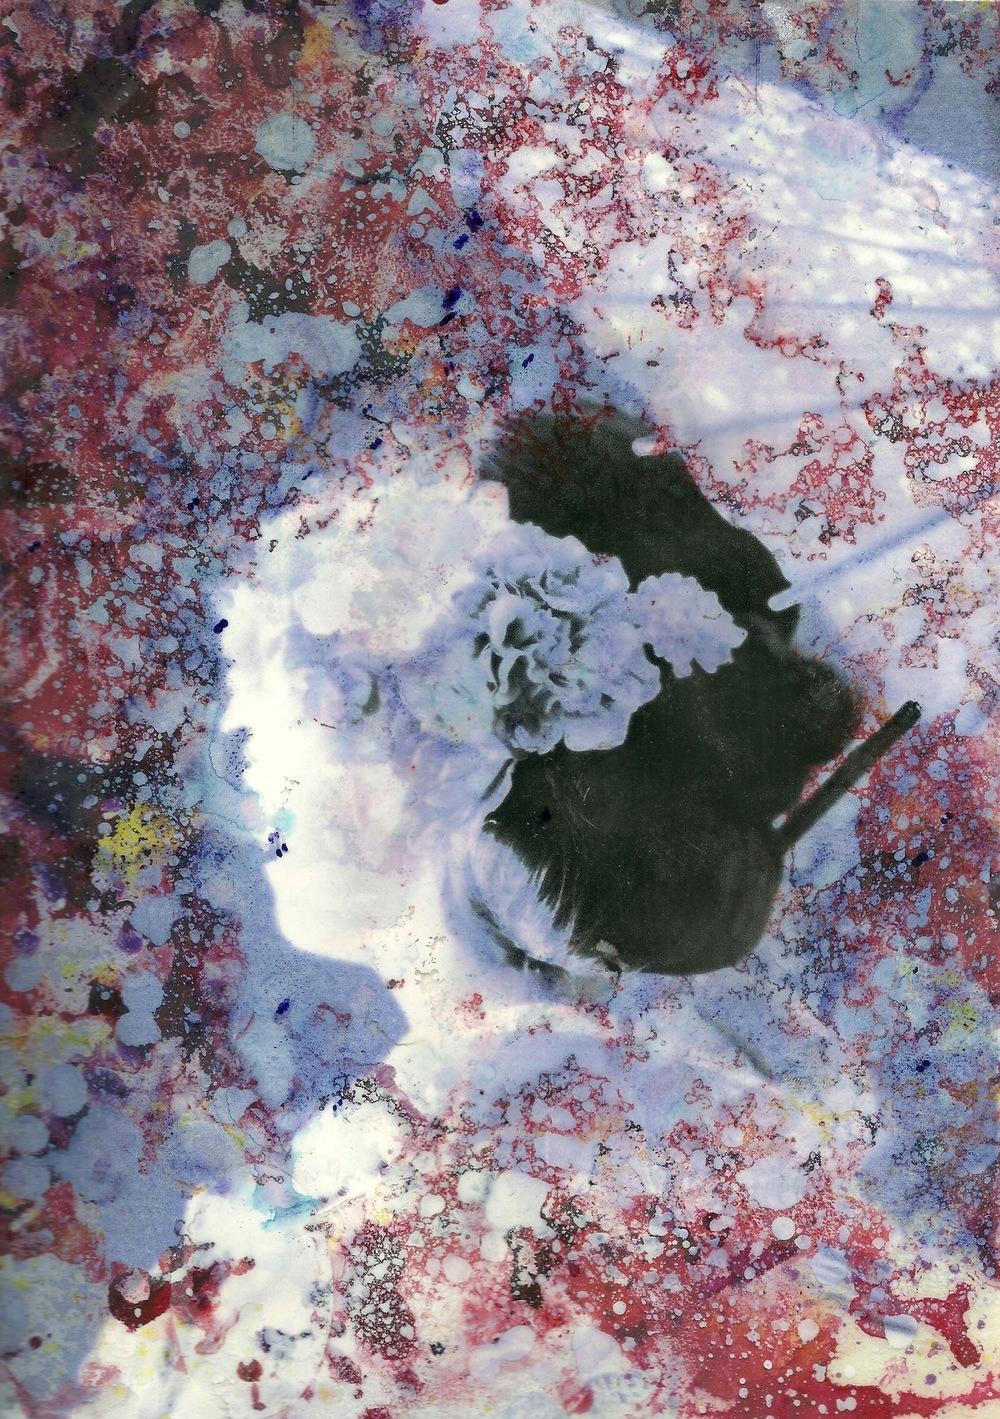 Manami Takamatsu - Licht und Schatten, 2017, Mixed Media, 297x210mm